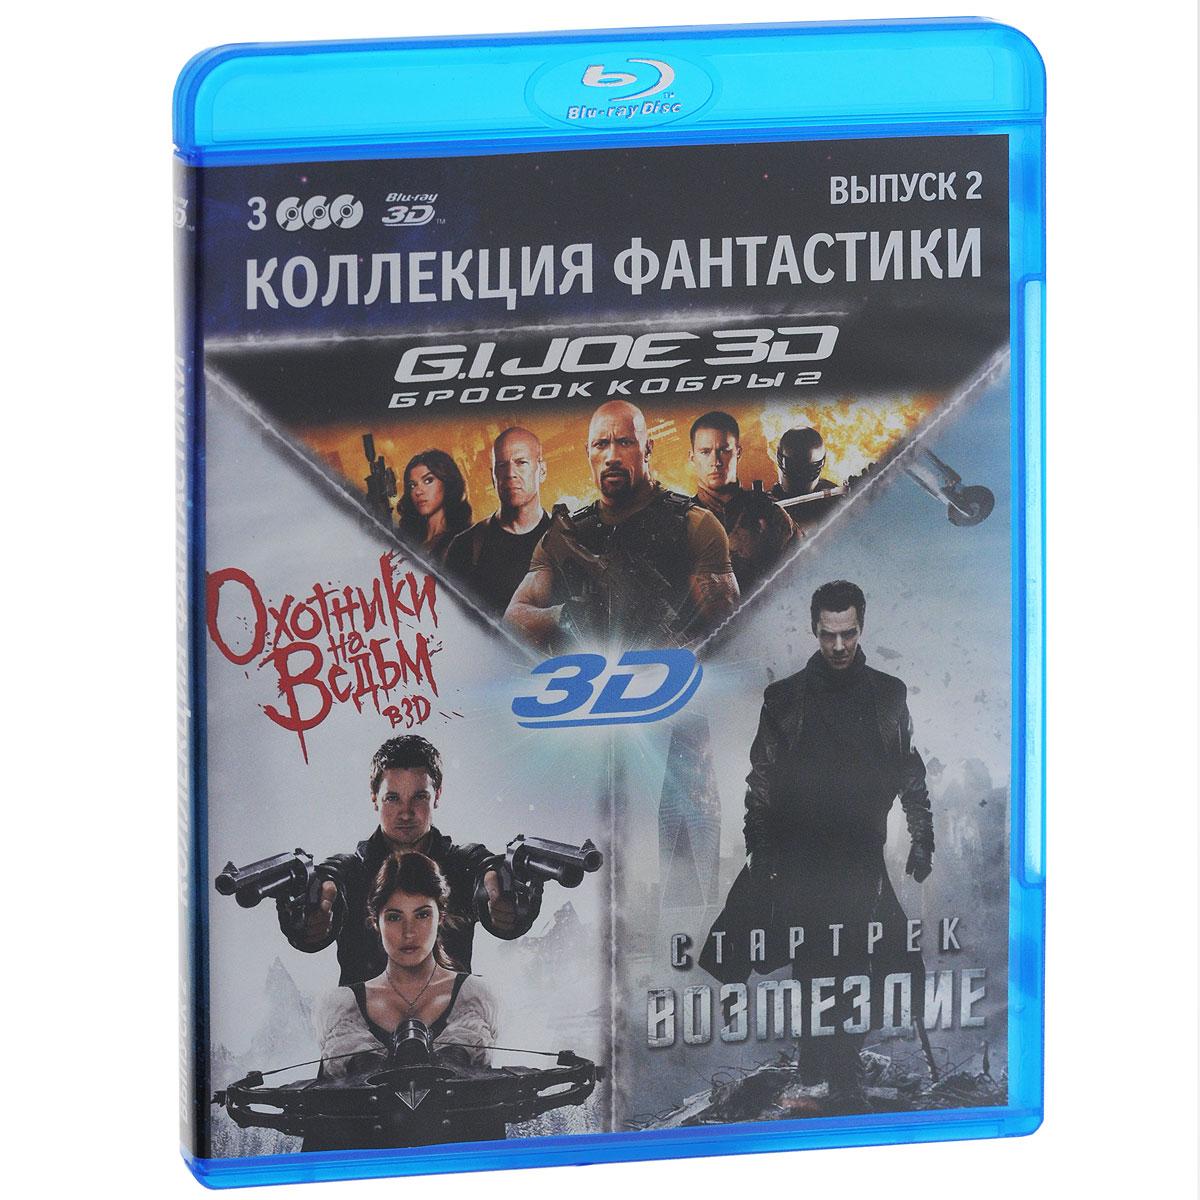 G.I. Joe: Бросок кобры 2 / Охотники на ведьм / Стартрек: Возмездие (3 Blu-ray) цена